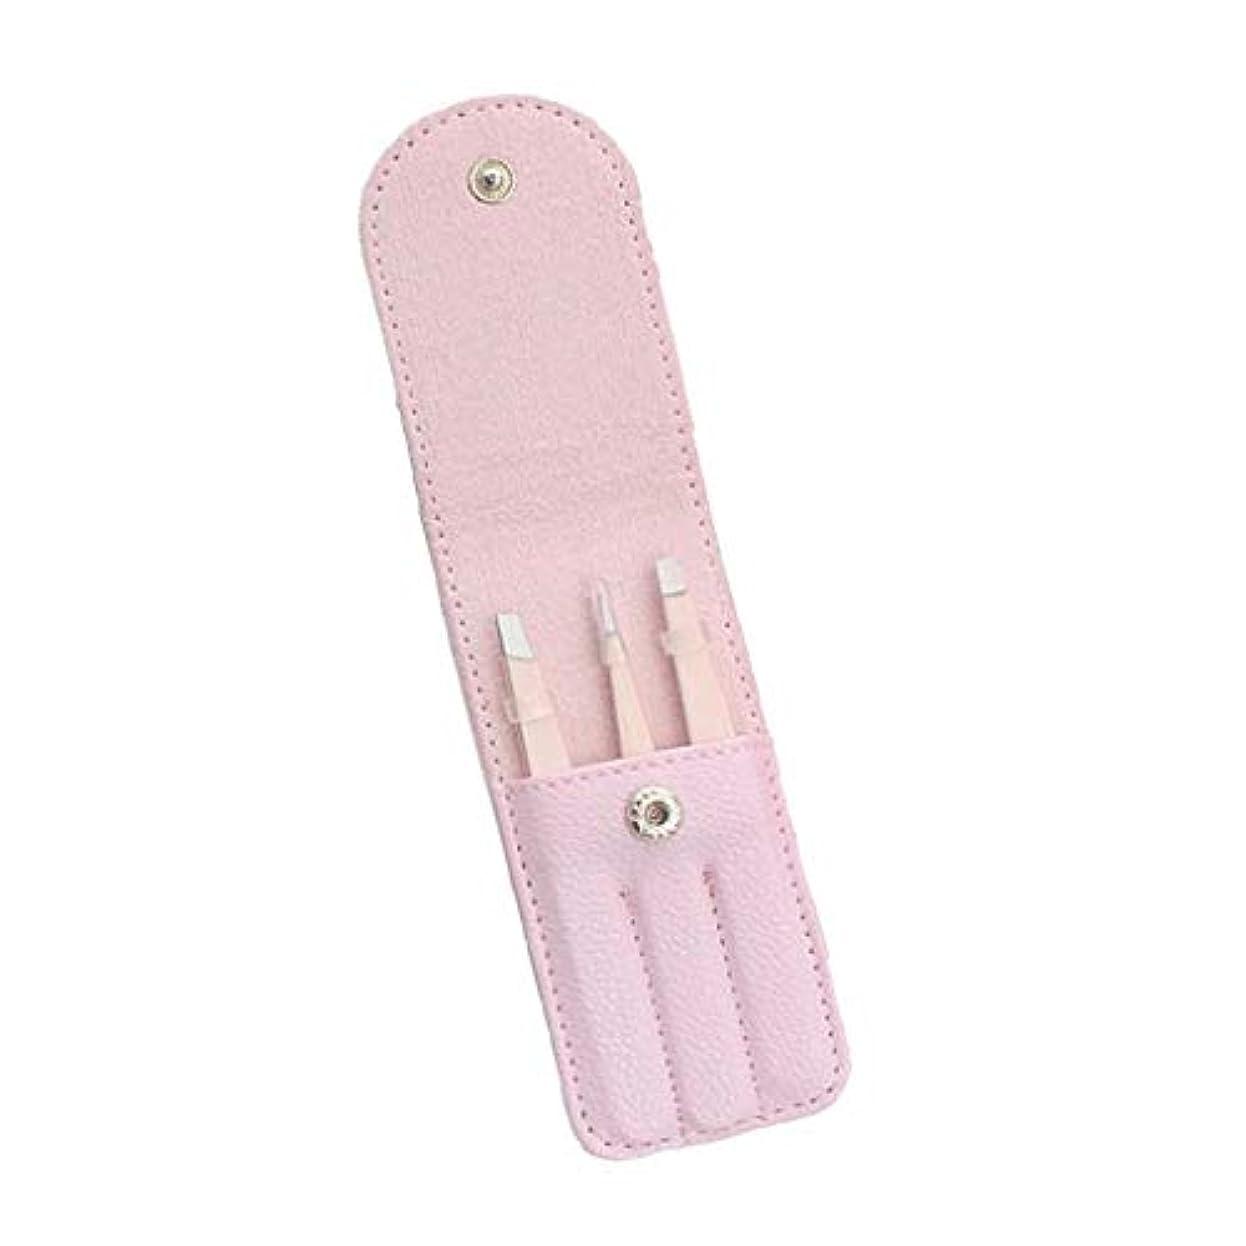 パンチマント状Perfeclan 3個 眉毛ピンセット 毛抜き 眉毛クリップ ステンレス鋼 収納バッグ付 実用的 全4色 - ピンク